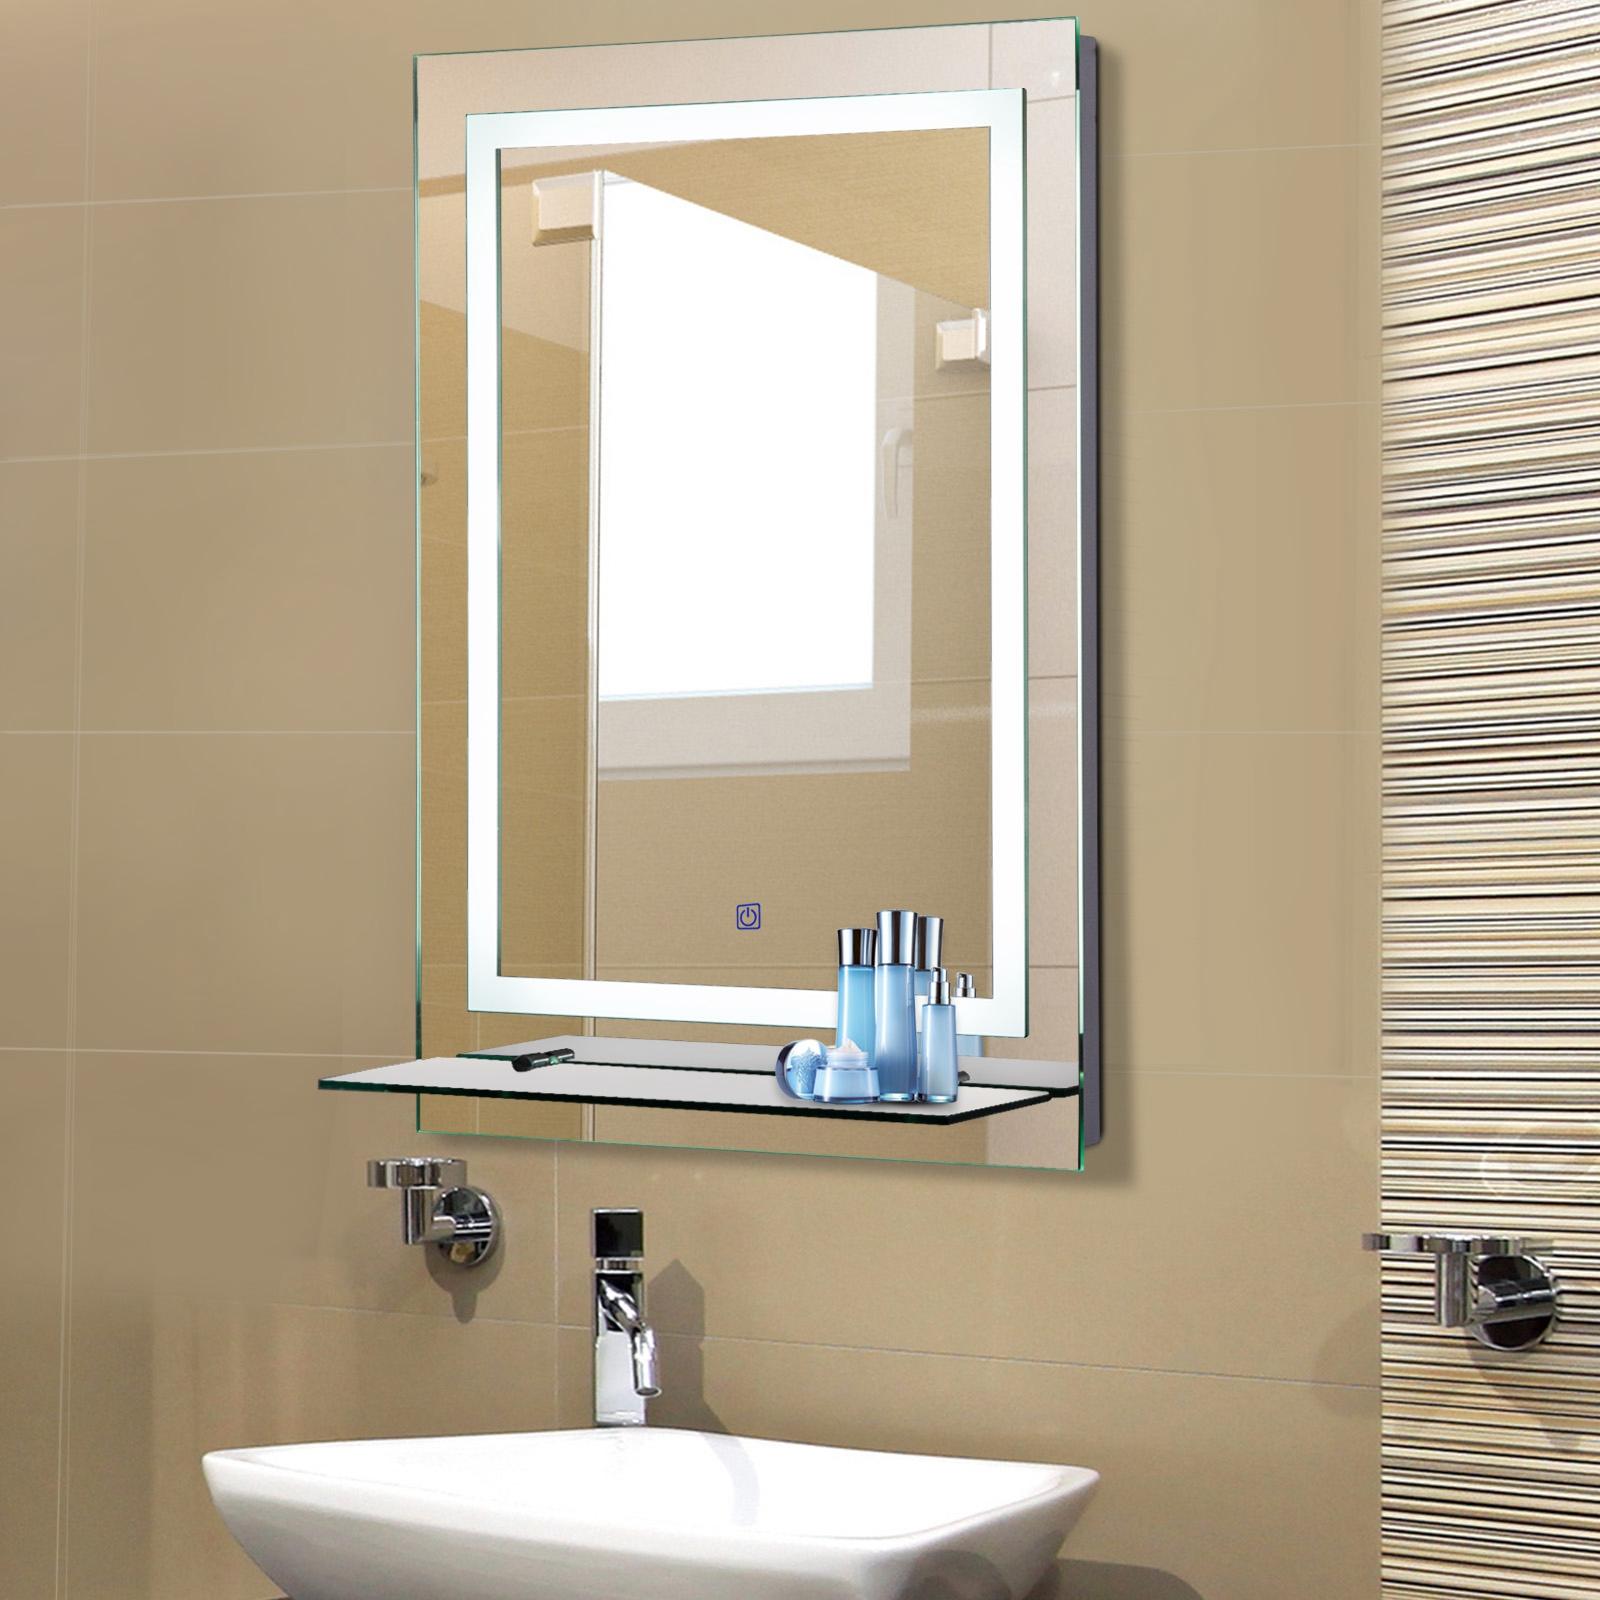 Miroir Eclairant Salle De Bain détails sur kleankin miroir lumineux led salle de bain 38 w 50 x 4 x 70 cm